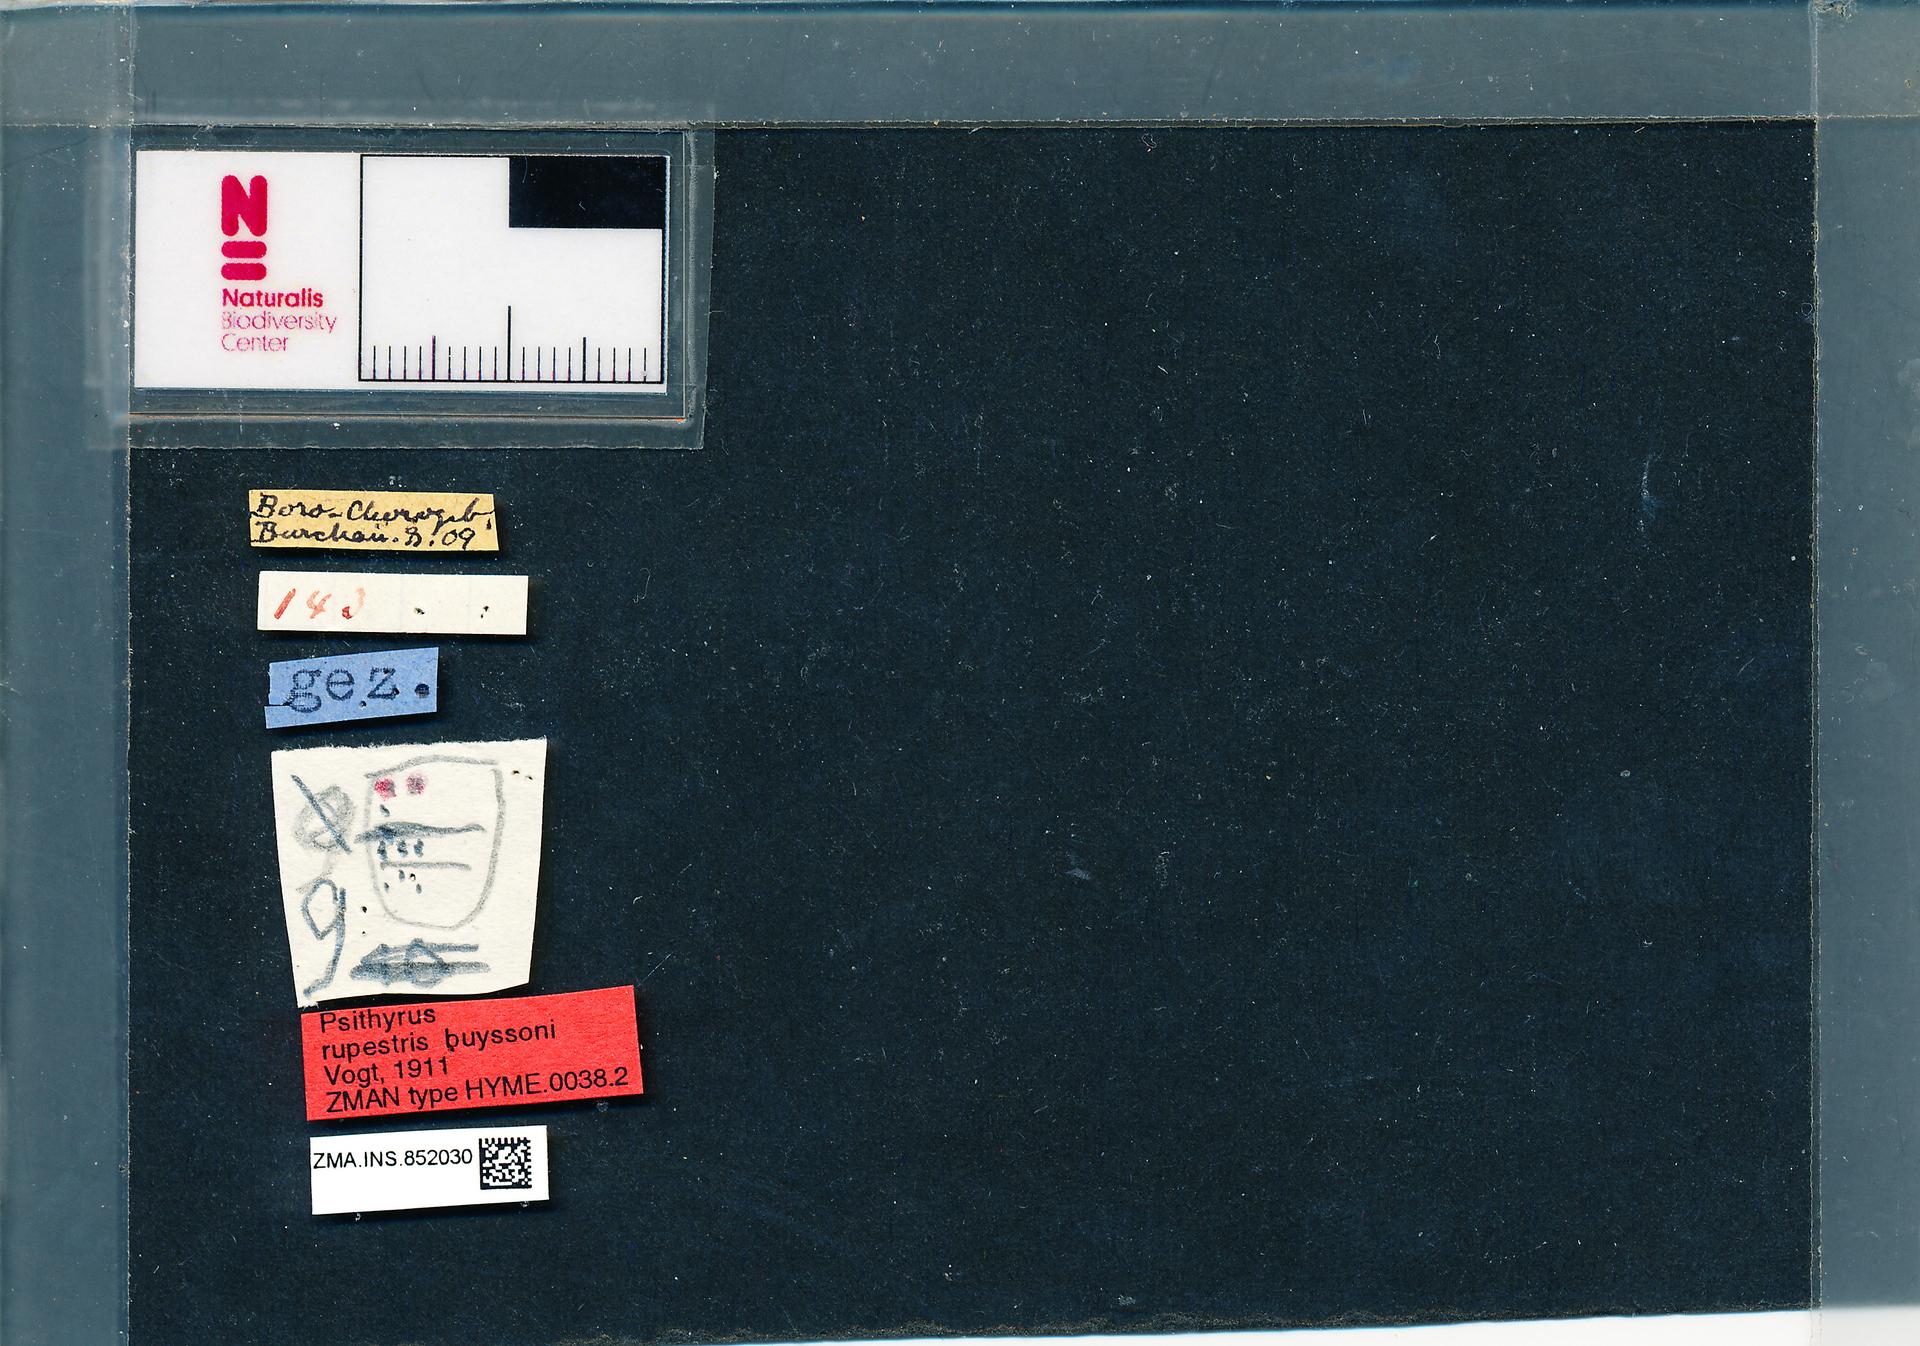 ZMA.INS.852030 | Bombus (Psithyrus) rupestris buyssoni Vogt, 1911